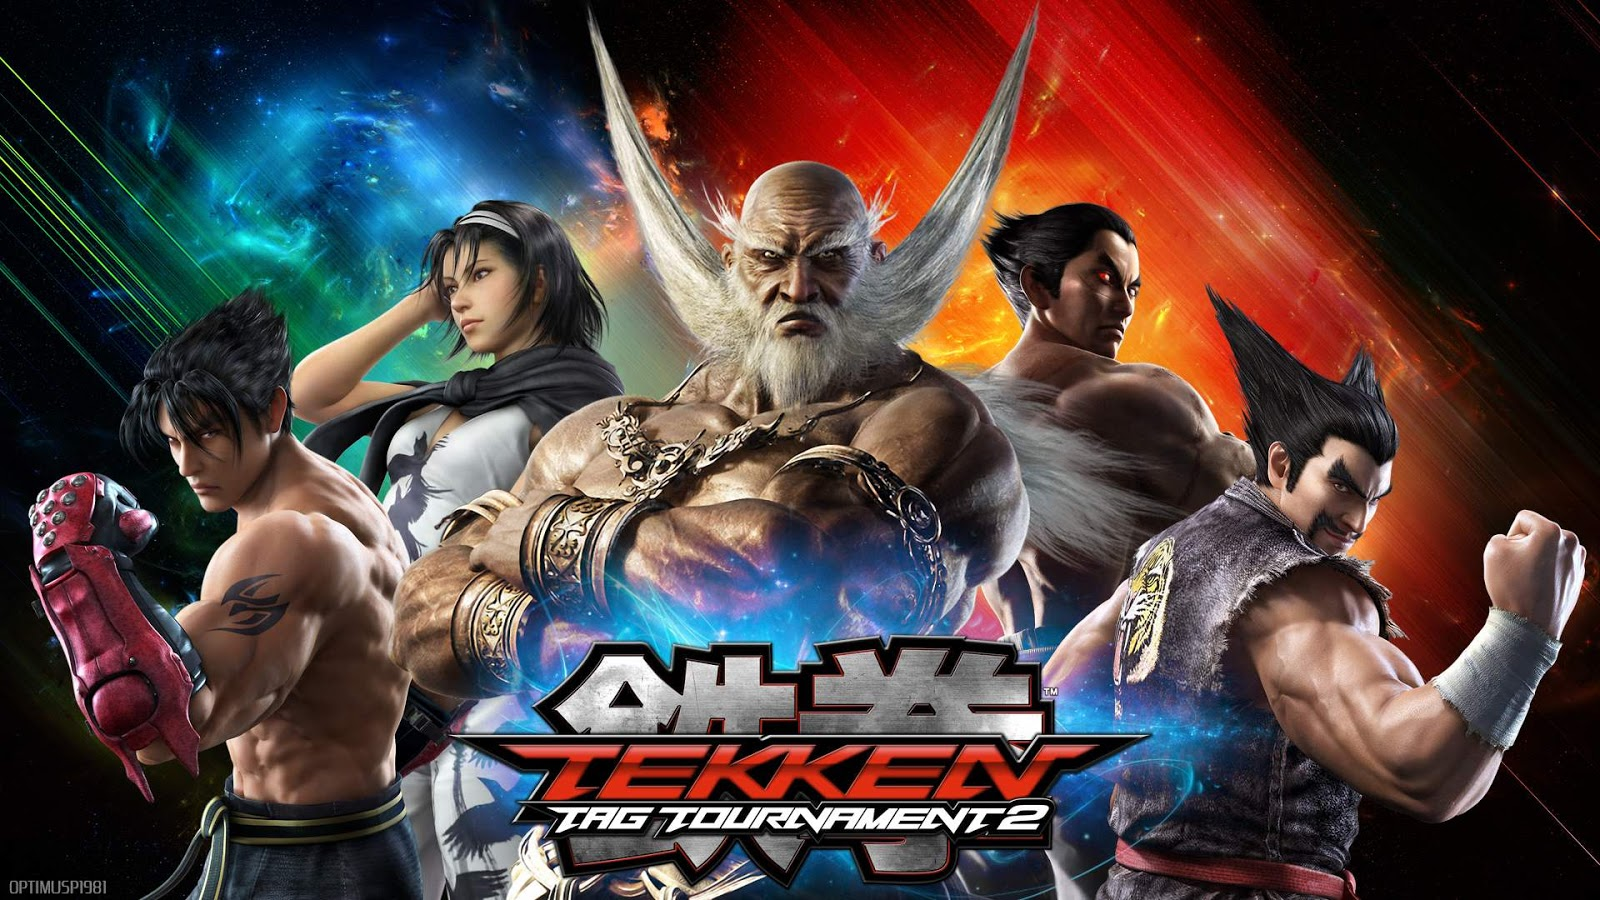 http://4.bp.blogspot.com/-4LJrXuYX4lA/UIalOaAOK_I/AAAAAAAAA6I/MPrjDyJL8uc/s1600/jun_kazuya_jin_heihachi_jinpachi_wallpaper-tekken-tag-tournament-2-characters.jpg